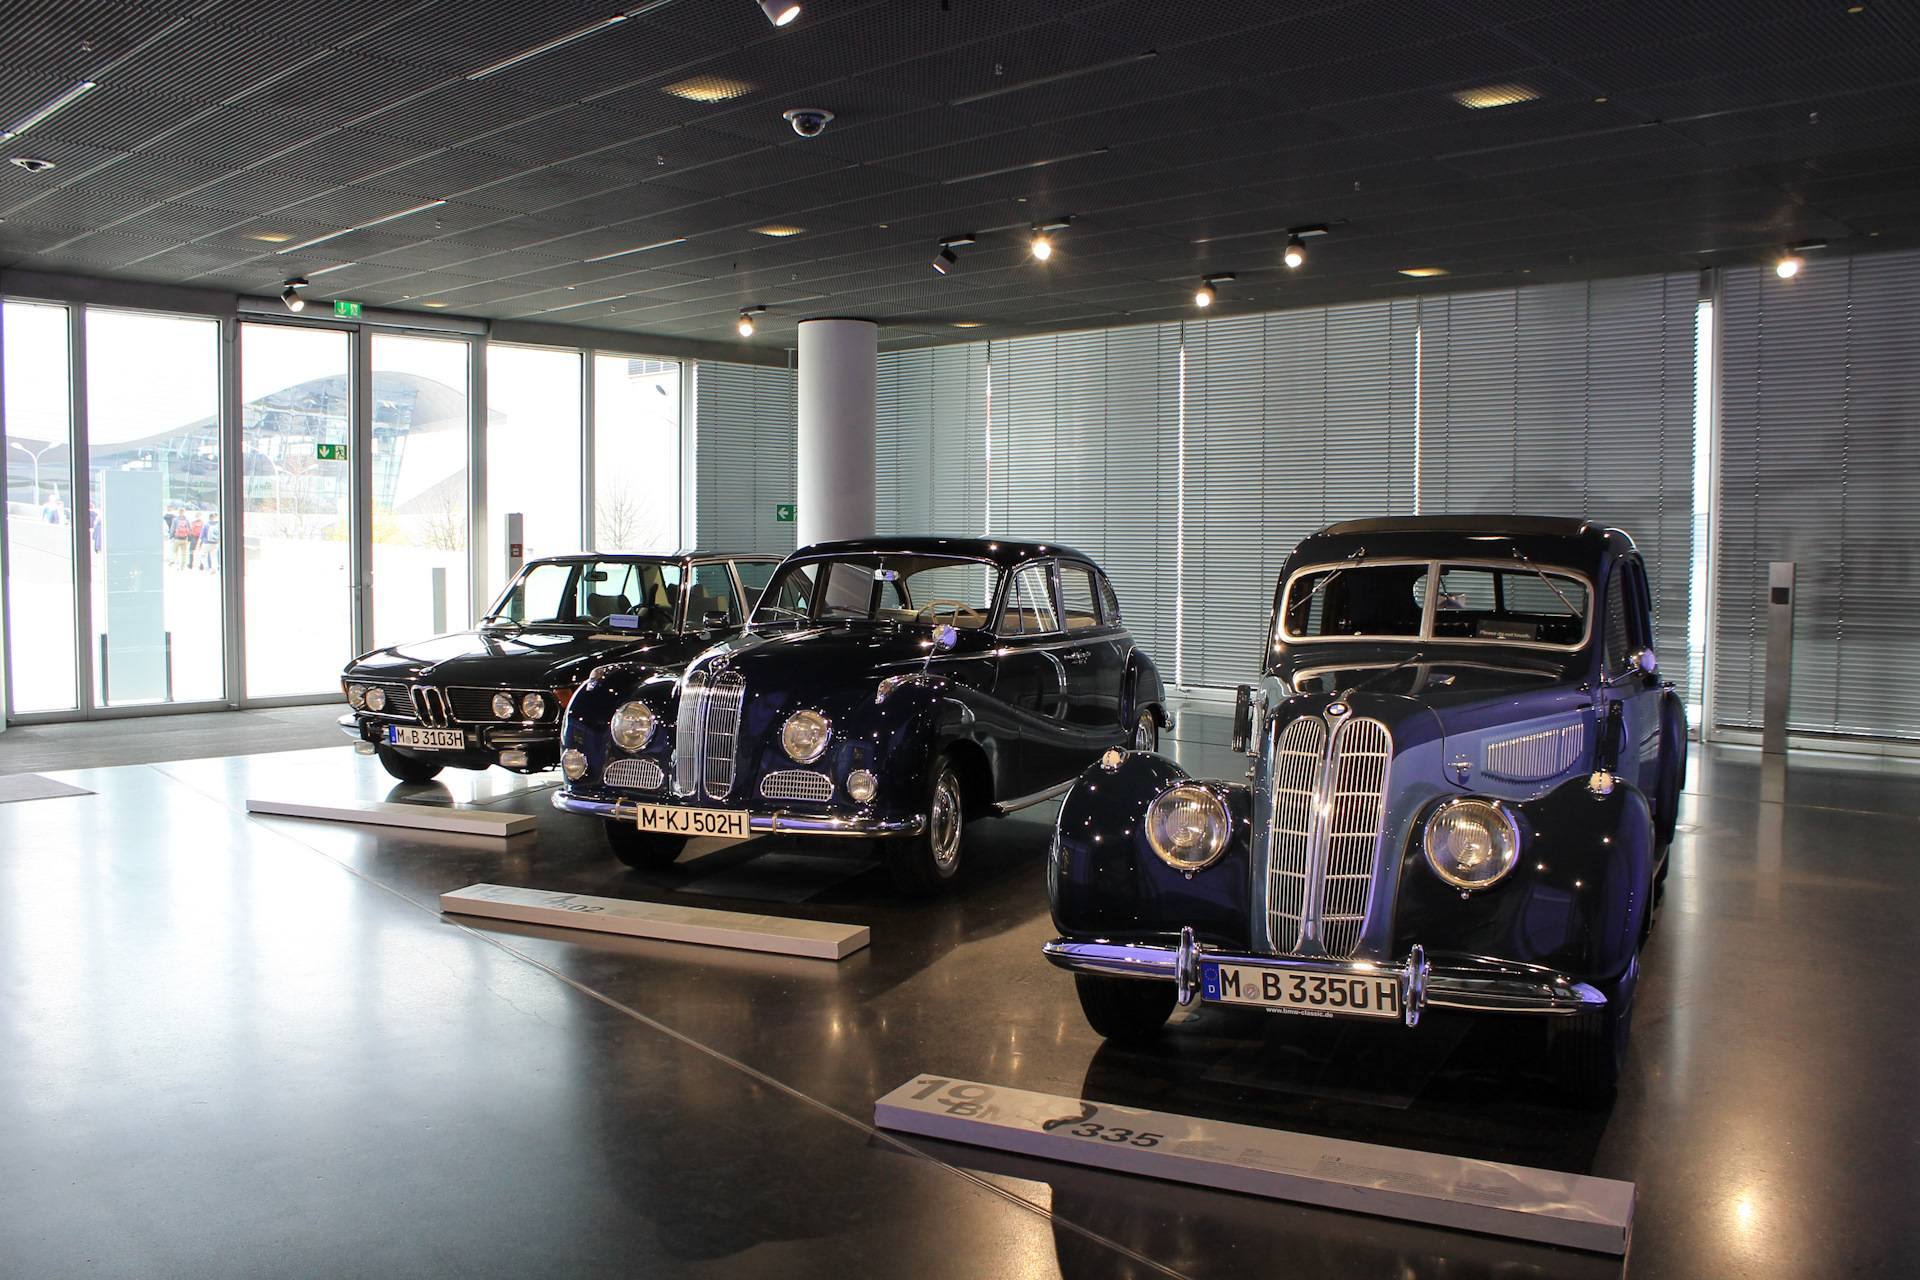 Музей bmw – автомобильная достопримечательность мюнхена